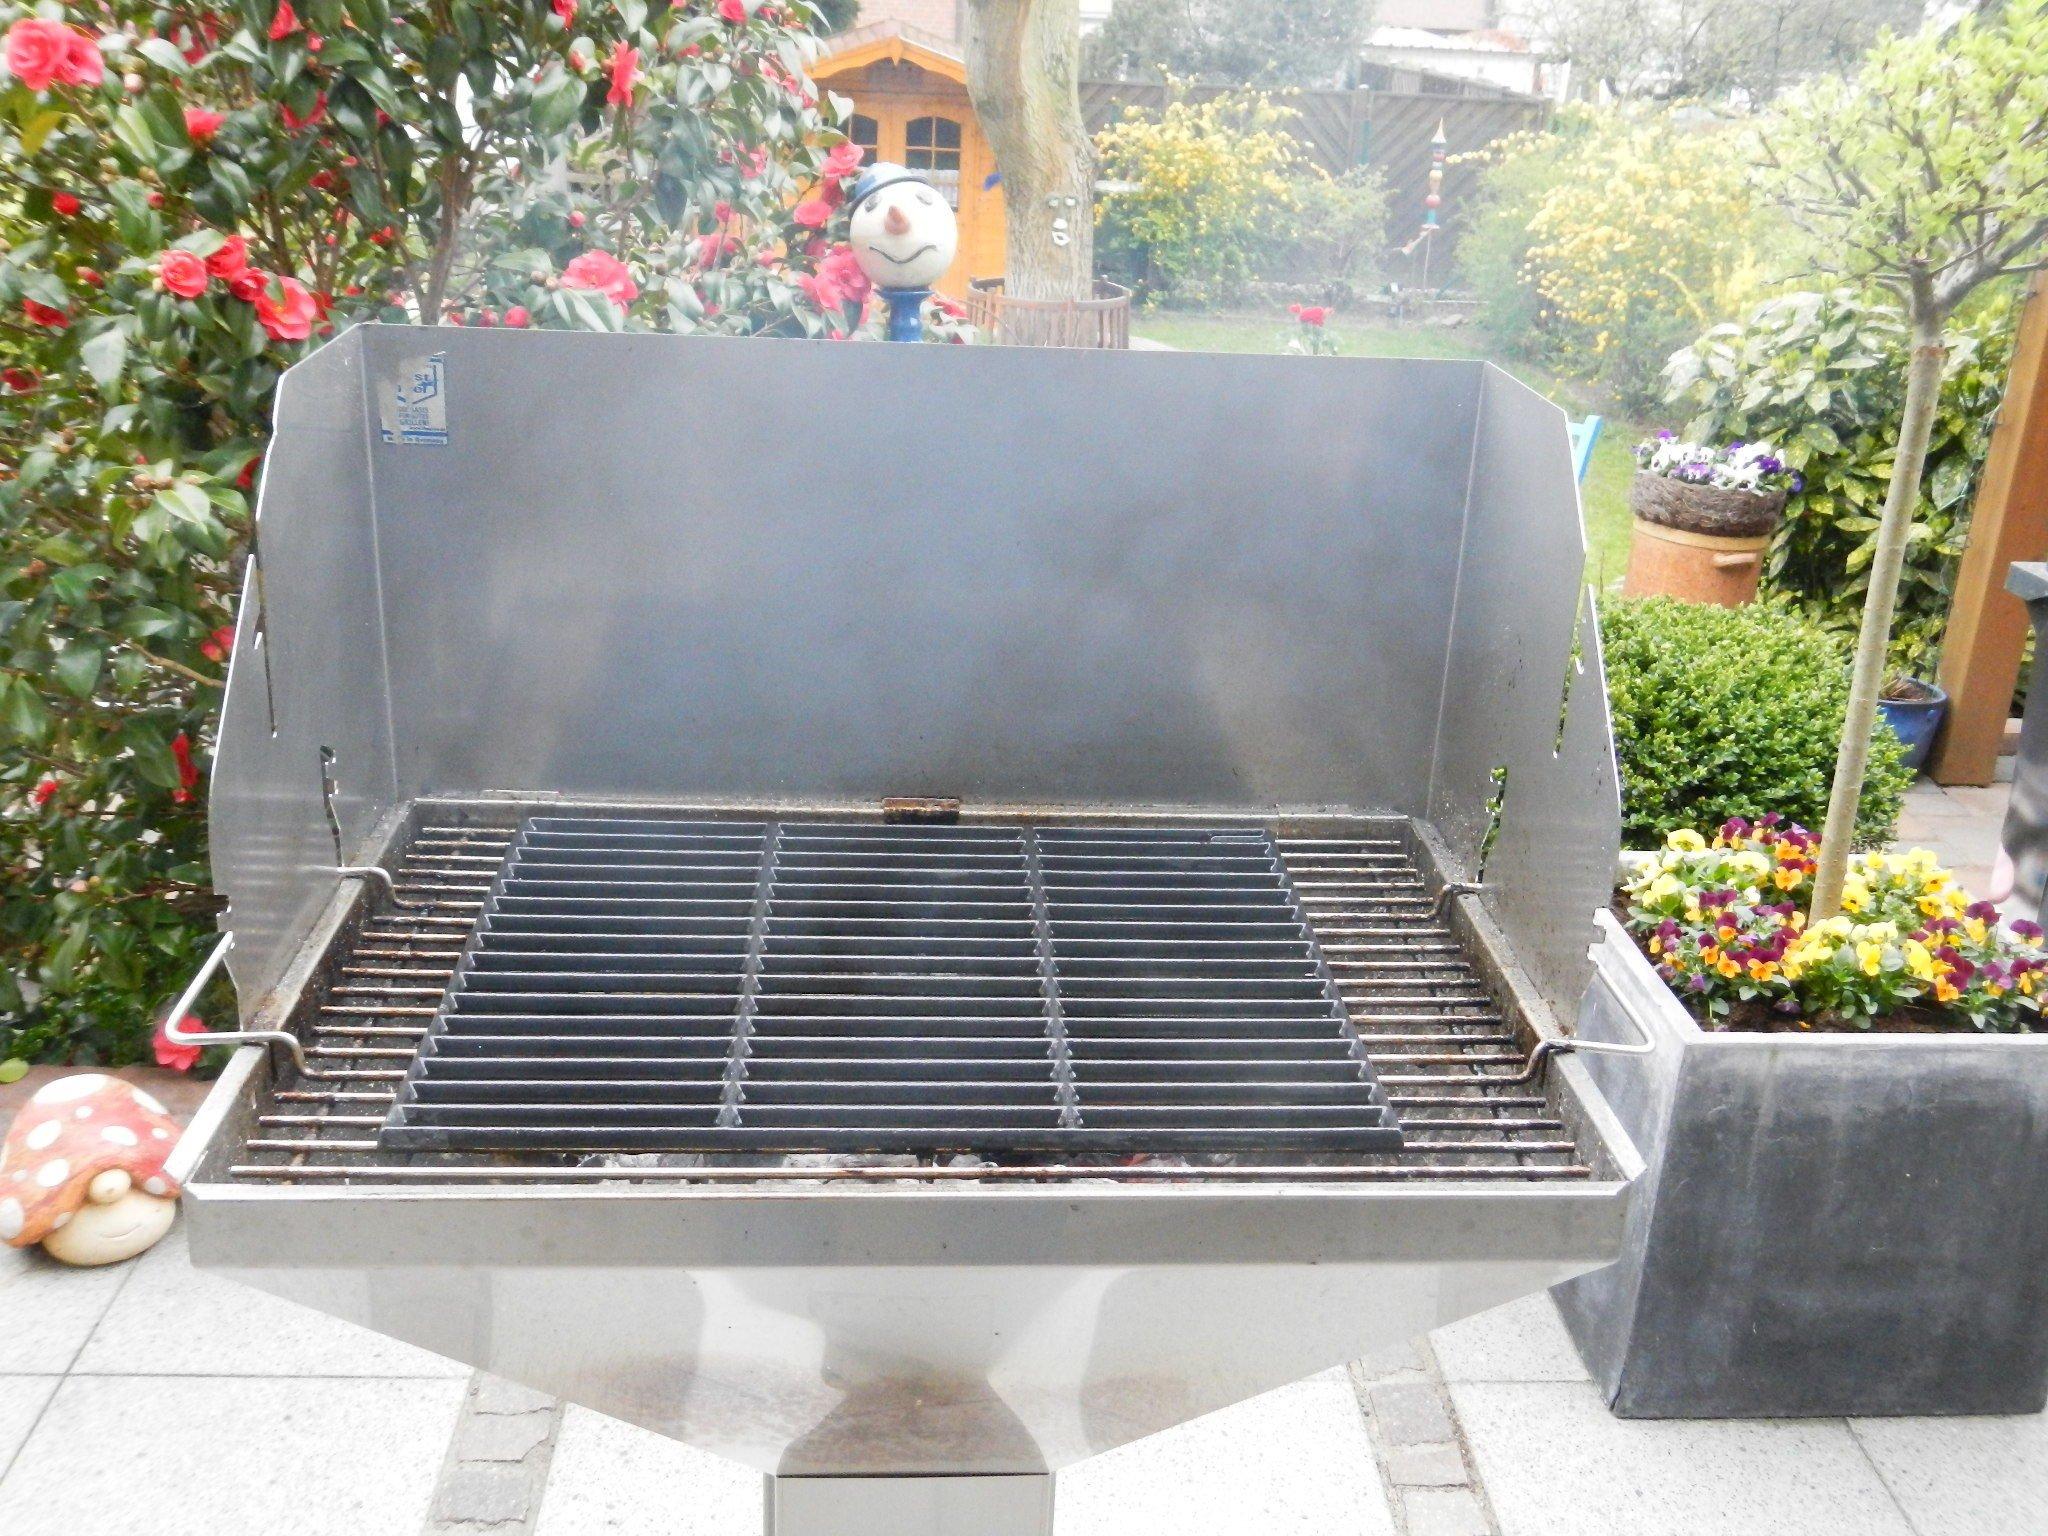 Weber Holzkohlegrill Mit Gussrost : Gussrost grill ebay kleinanzeigen